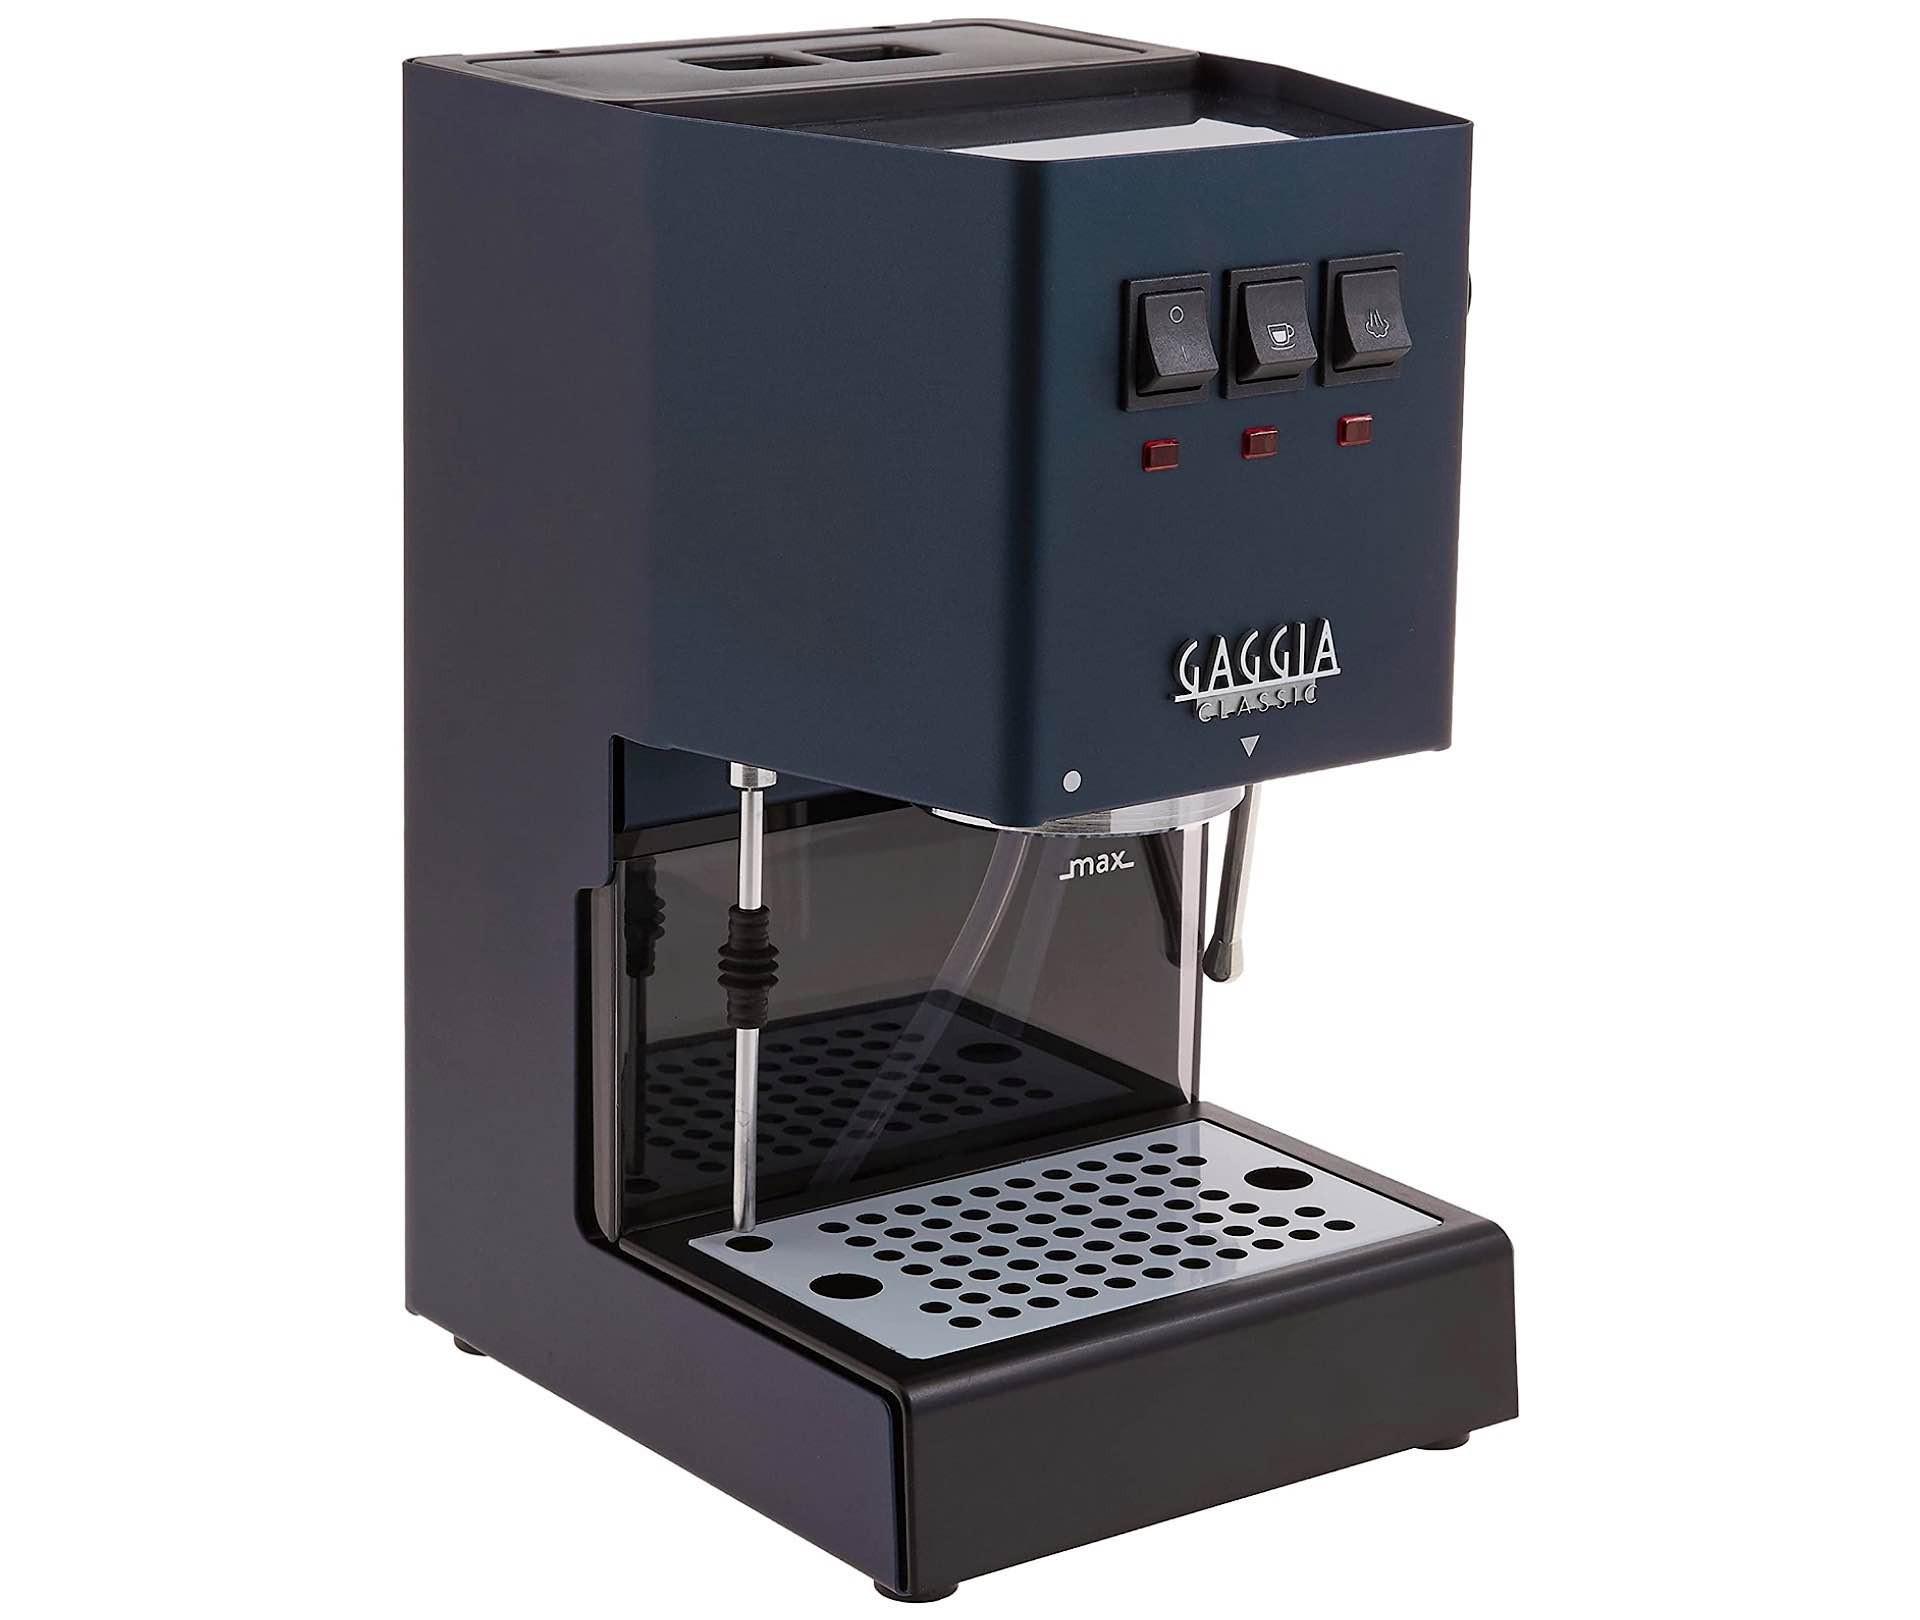 gaggia-classic-pro-espresso-machine